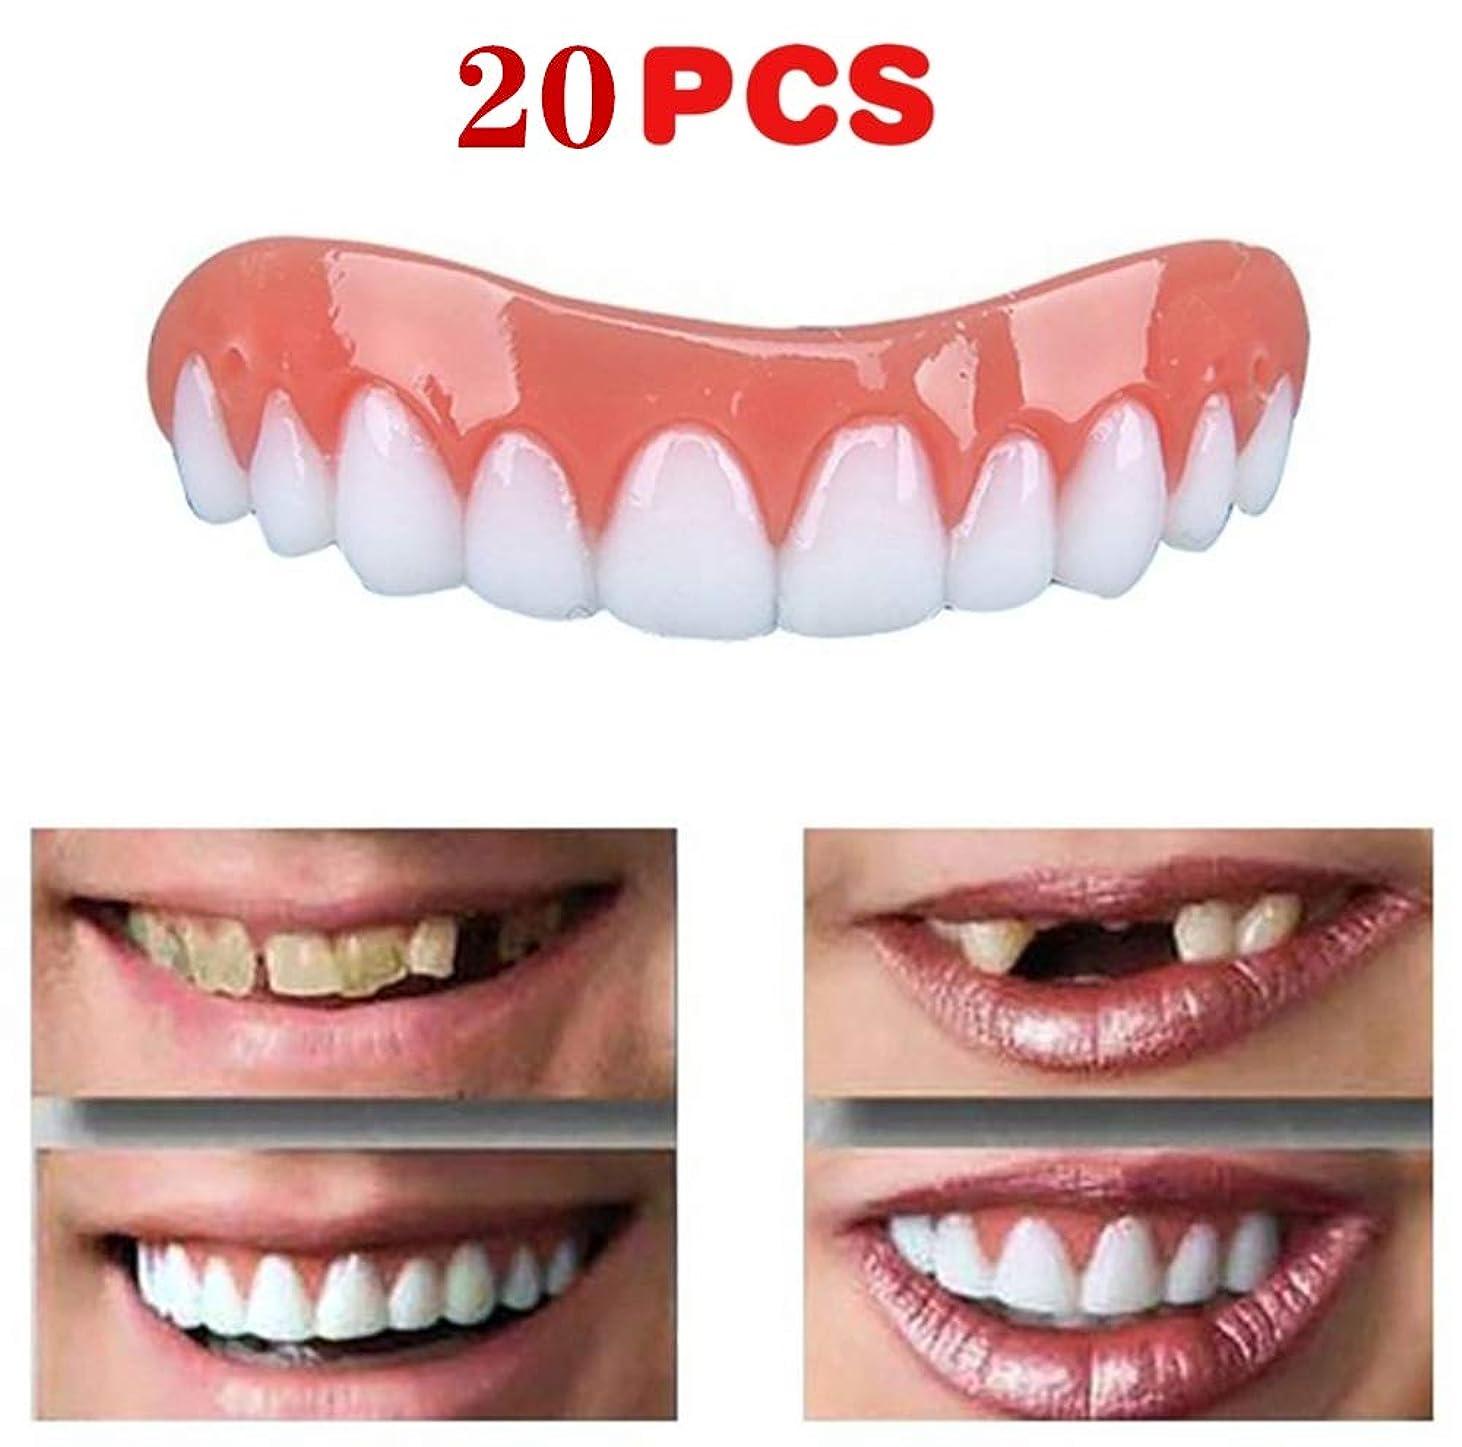 申請中可聴クラブ20ピース新しい再利用可能な大人のスナップオンパーフェクトスマイルホワイトニング義歯フィットフレックス化粧品歯快適な突き板カバーデンタルケアアクセサリー